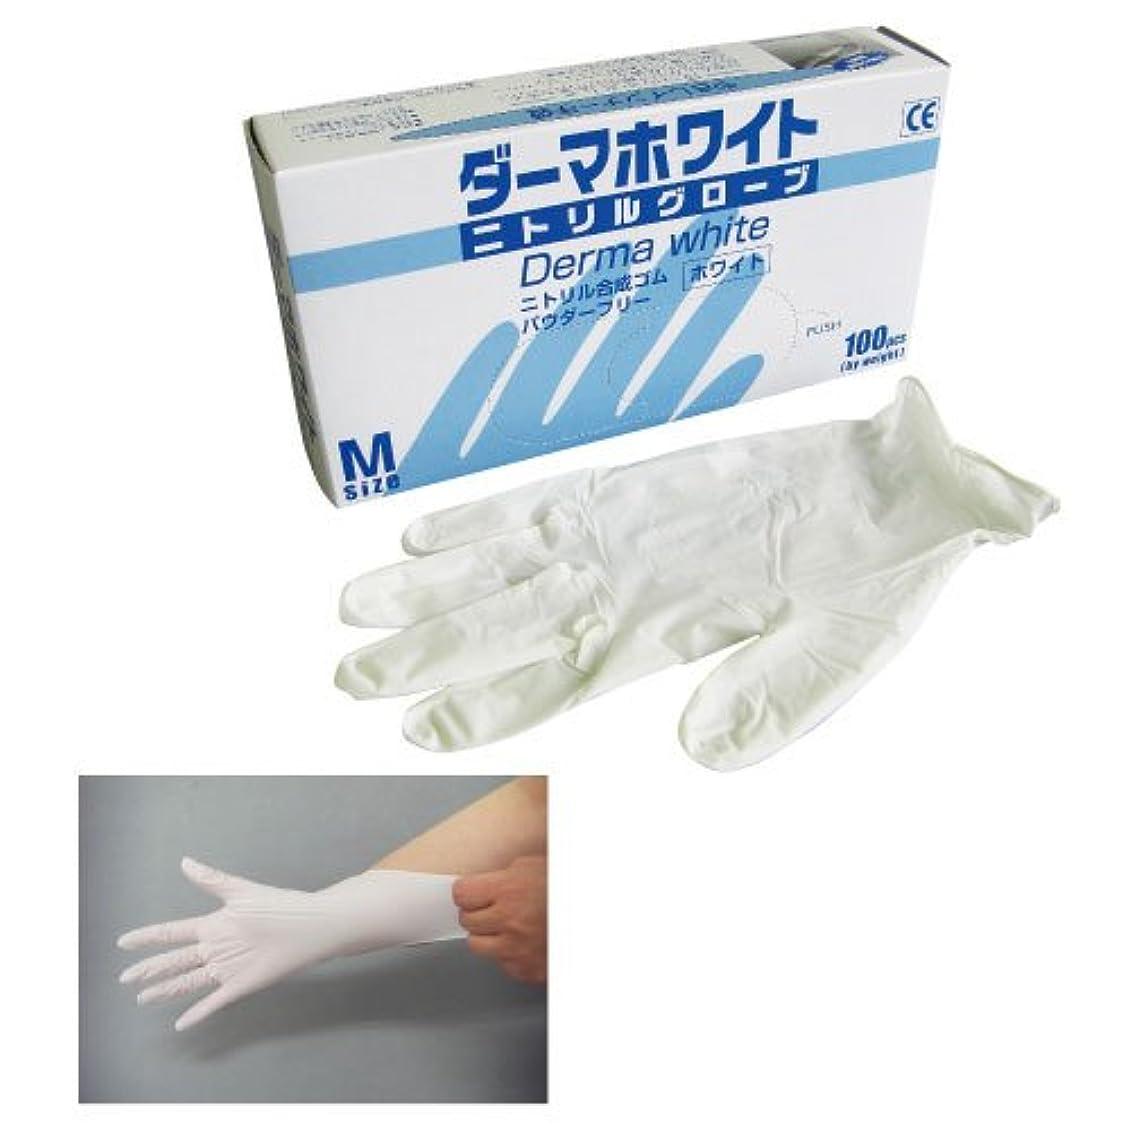 限りカール憂慮すべきダーマホワイト ニトリル手袋PF ?????????????????PF(23-3770-00)GN01(SS)100??